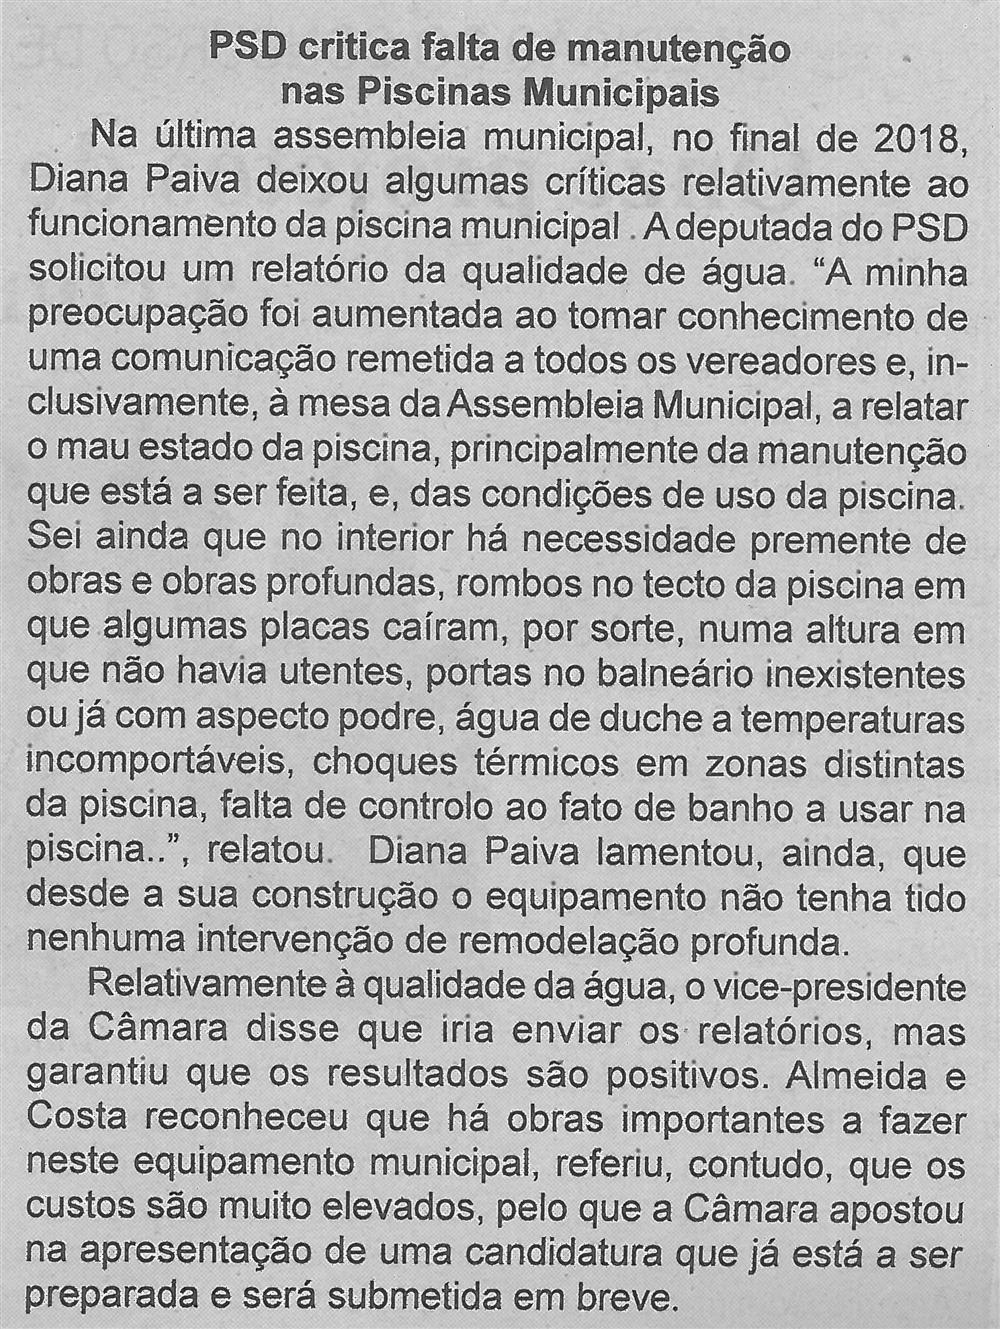 PSD critica falta de manutenção nas Piscinas Municipais.jpg